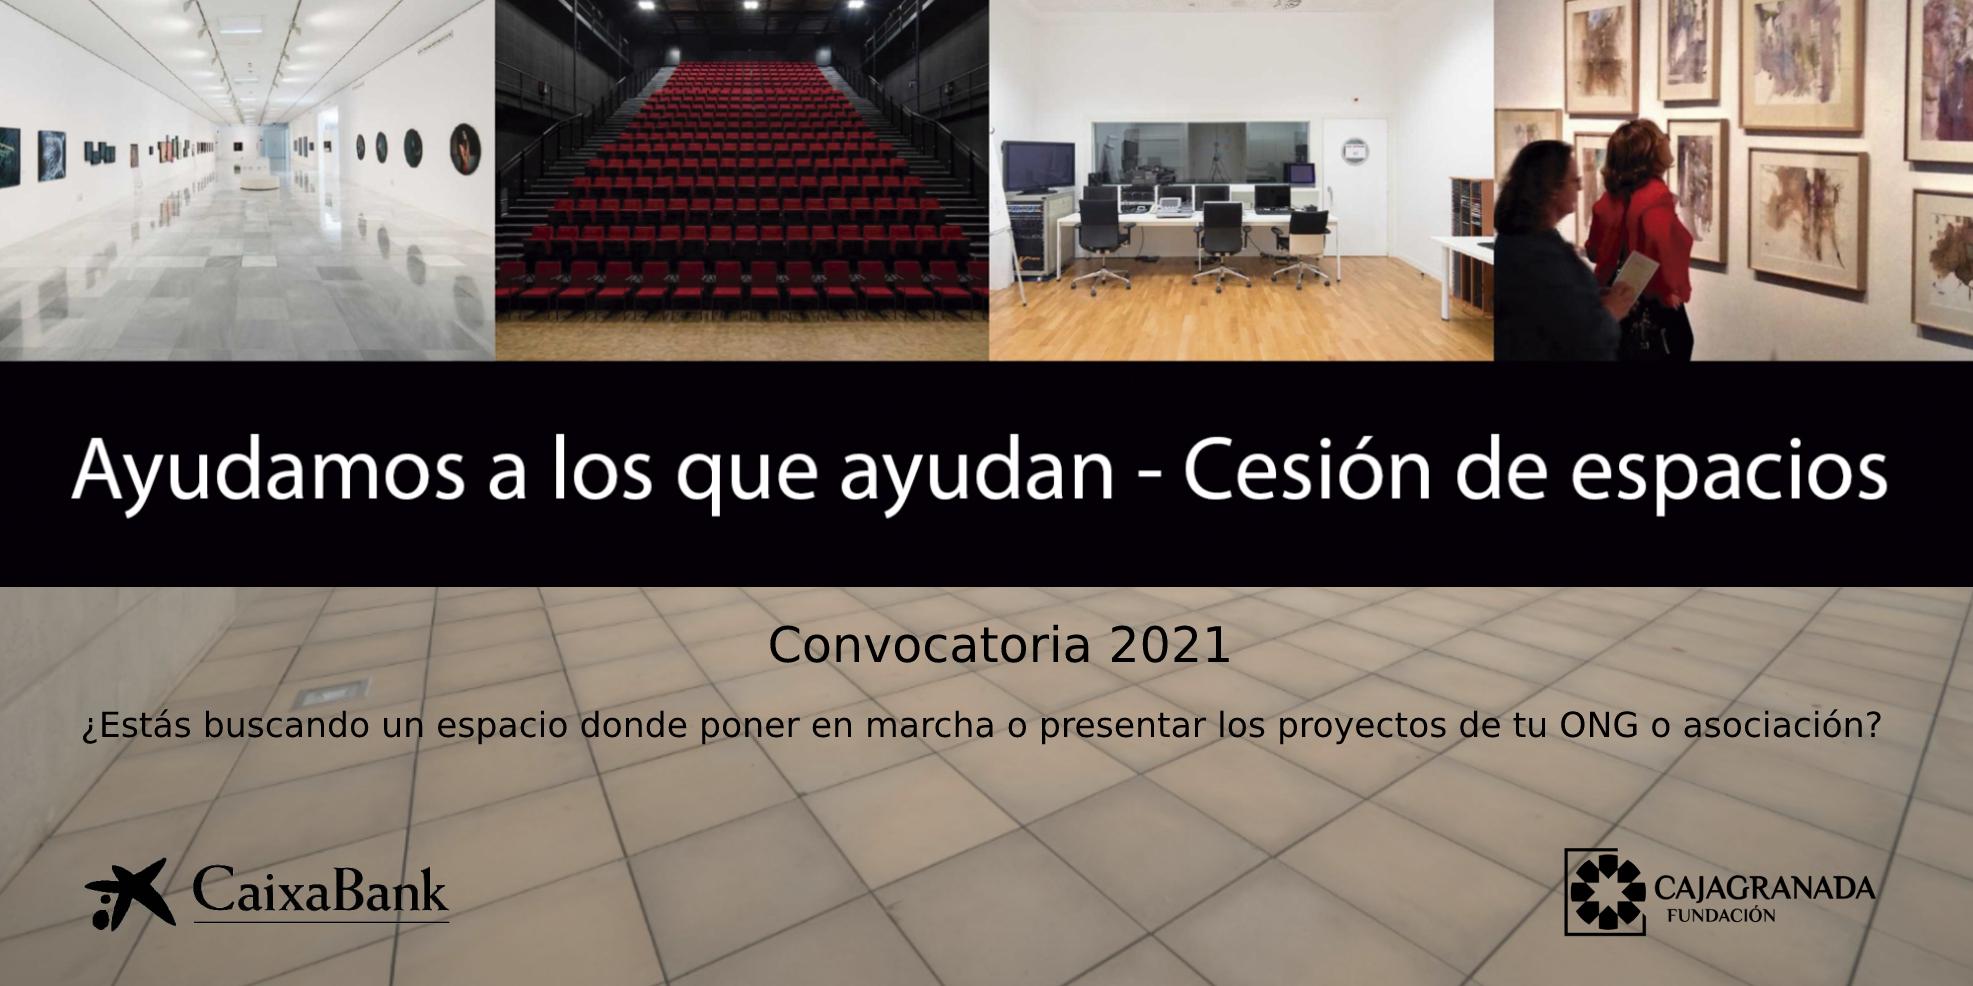 CaixaBank y CajaGranada Fundación cederán espacios para entidades sociales